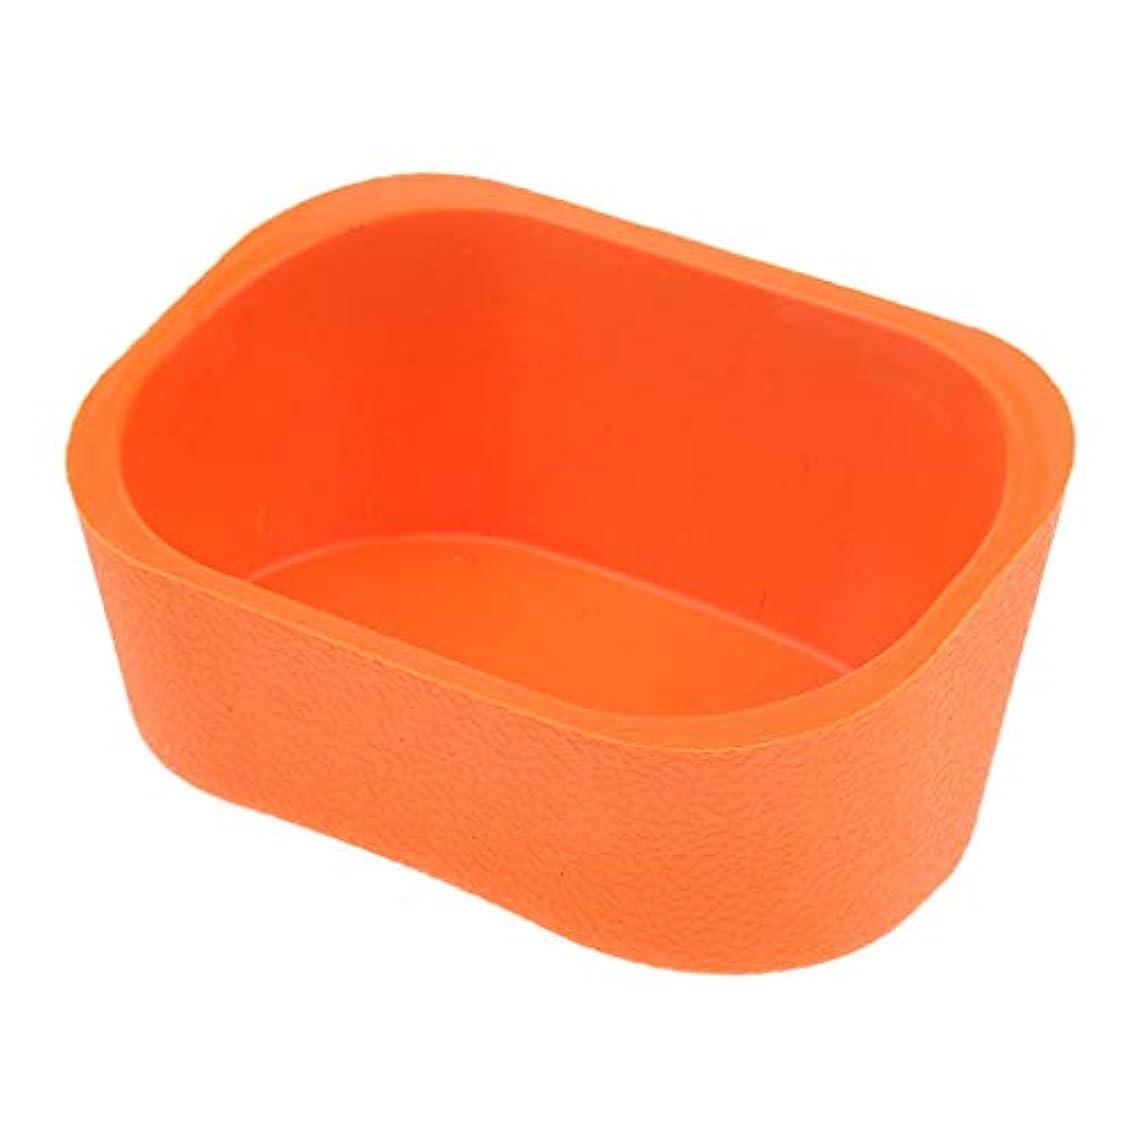 部マスタード発表するBaoblaze シャンプーボウル ネックレス クッション ピロー ヘアサロン ソフト シリコンゲル 5色選べ - オレンジ